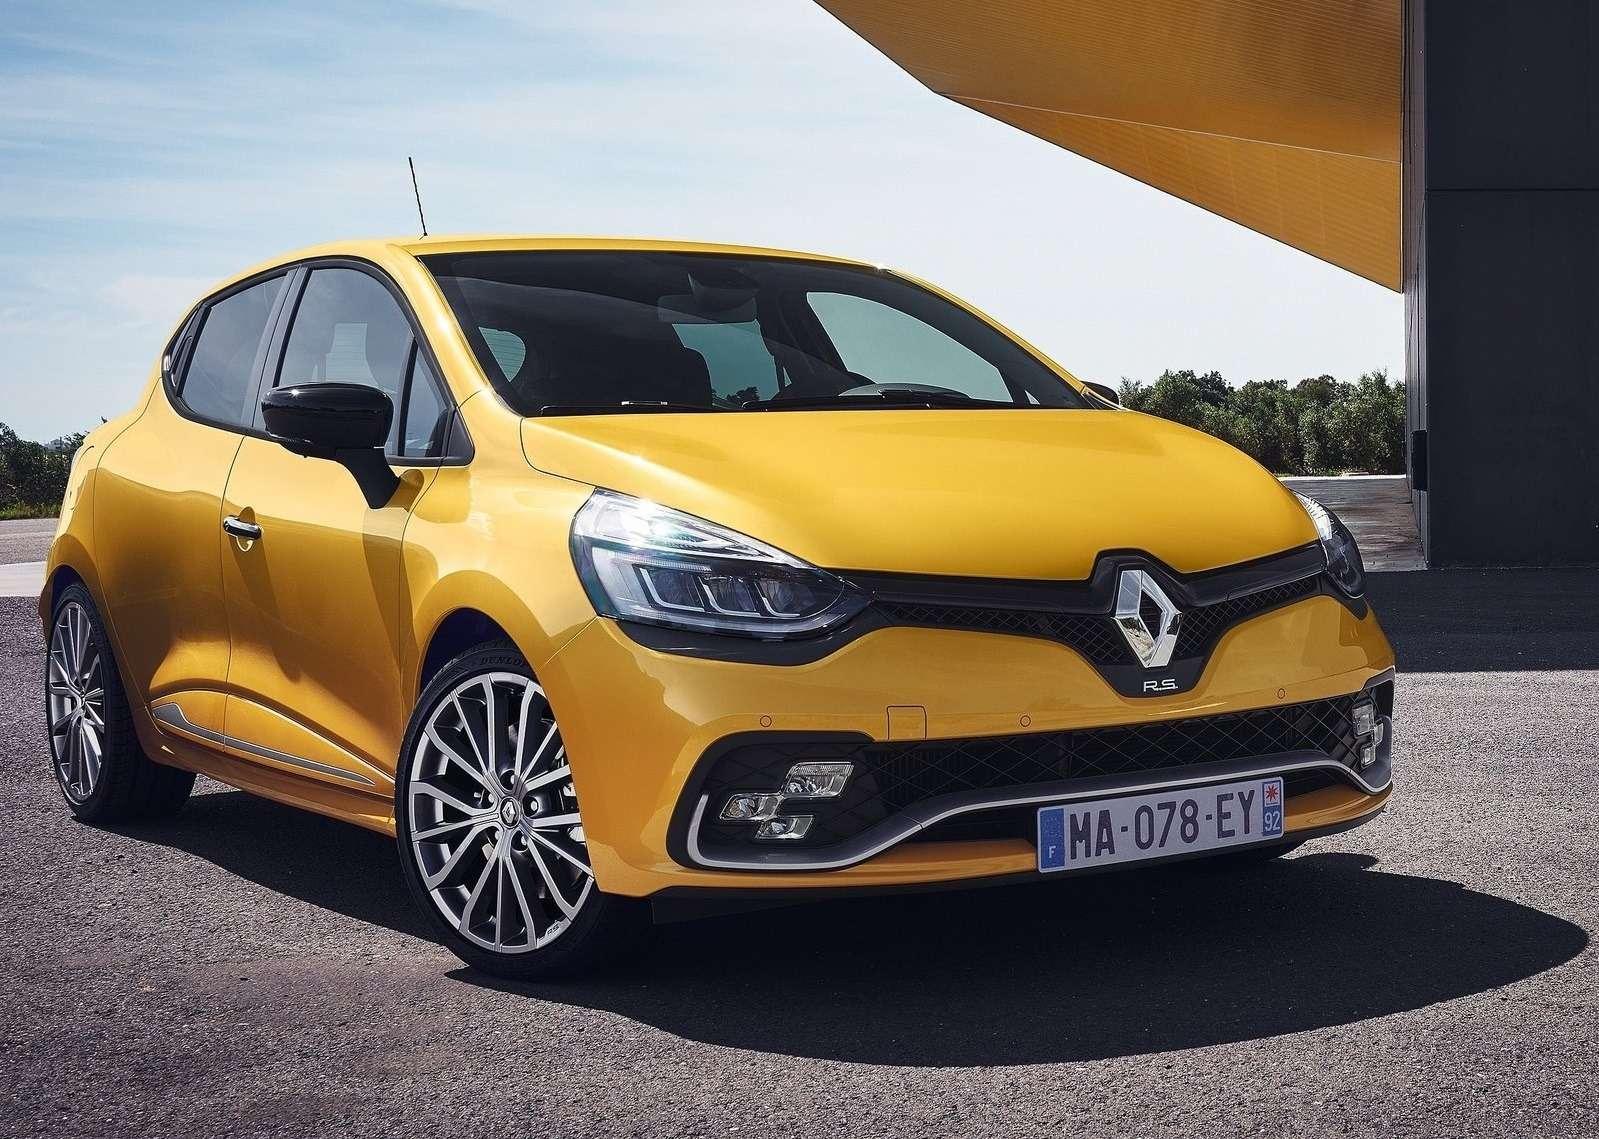 Рестайлинг созвуком: Renault Clio RSфокусируется наштрихах— фото 605413